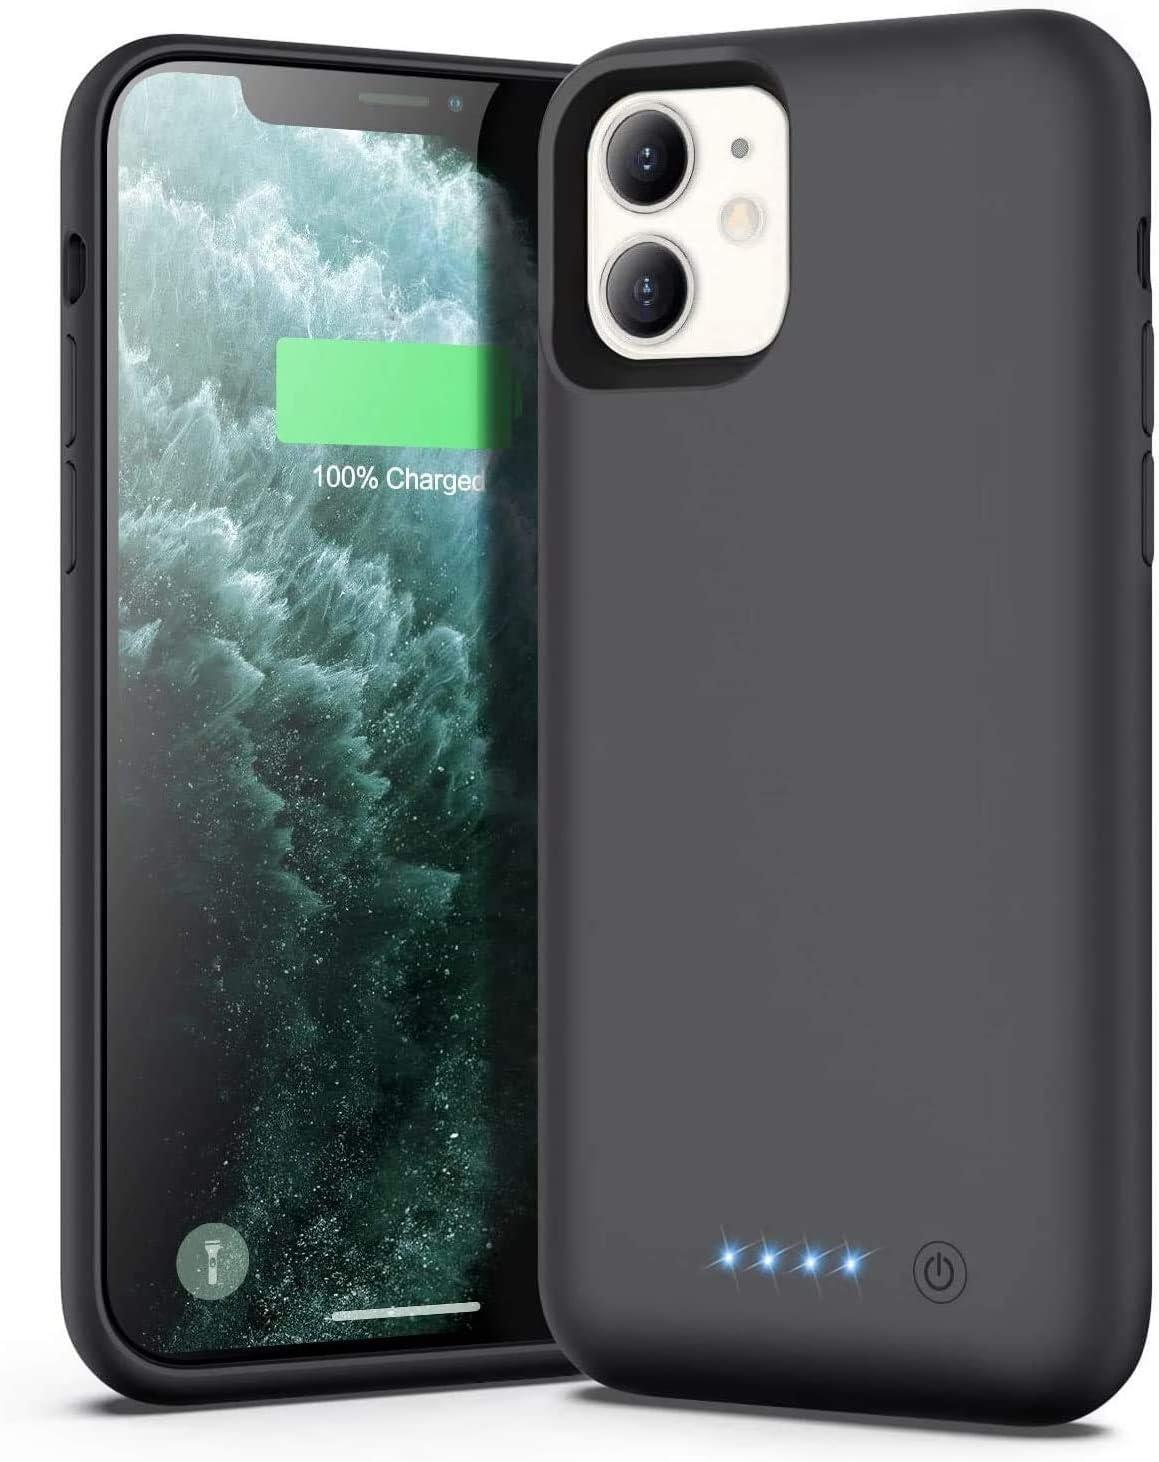 Ekrist Funda Batería para iPhone 11, 6800mAh Funda Cargador